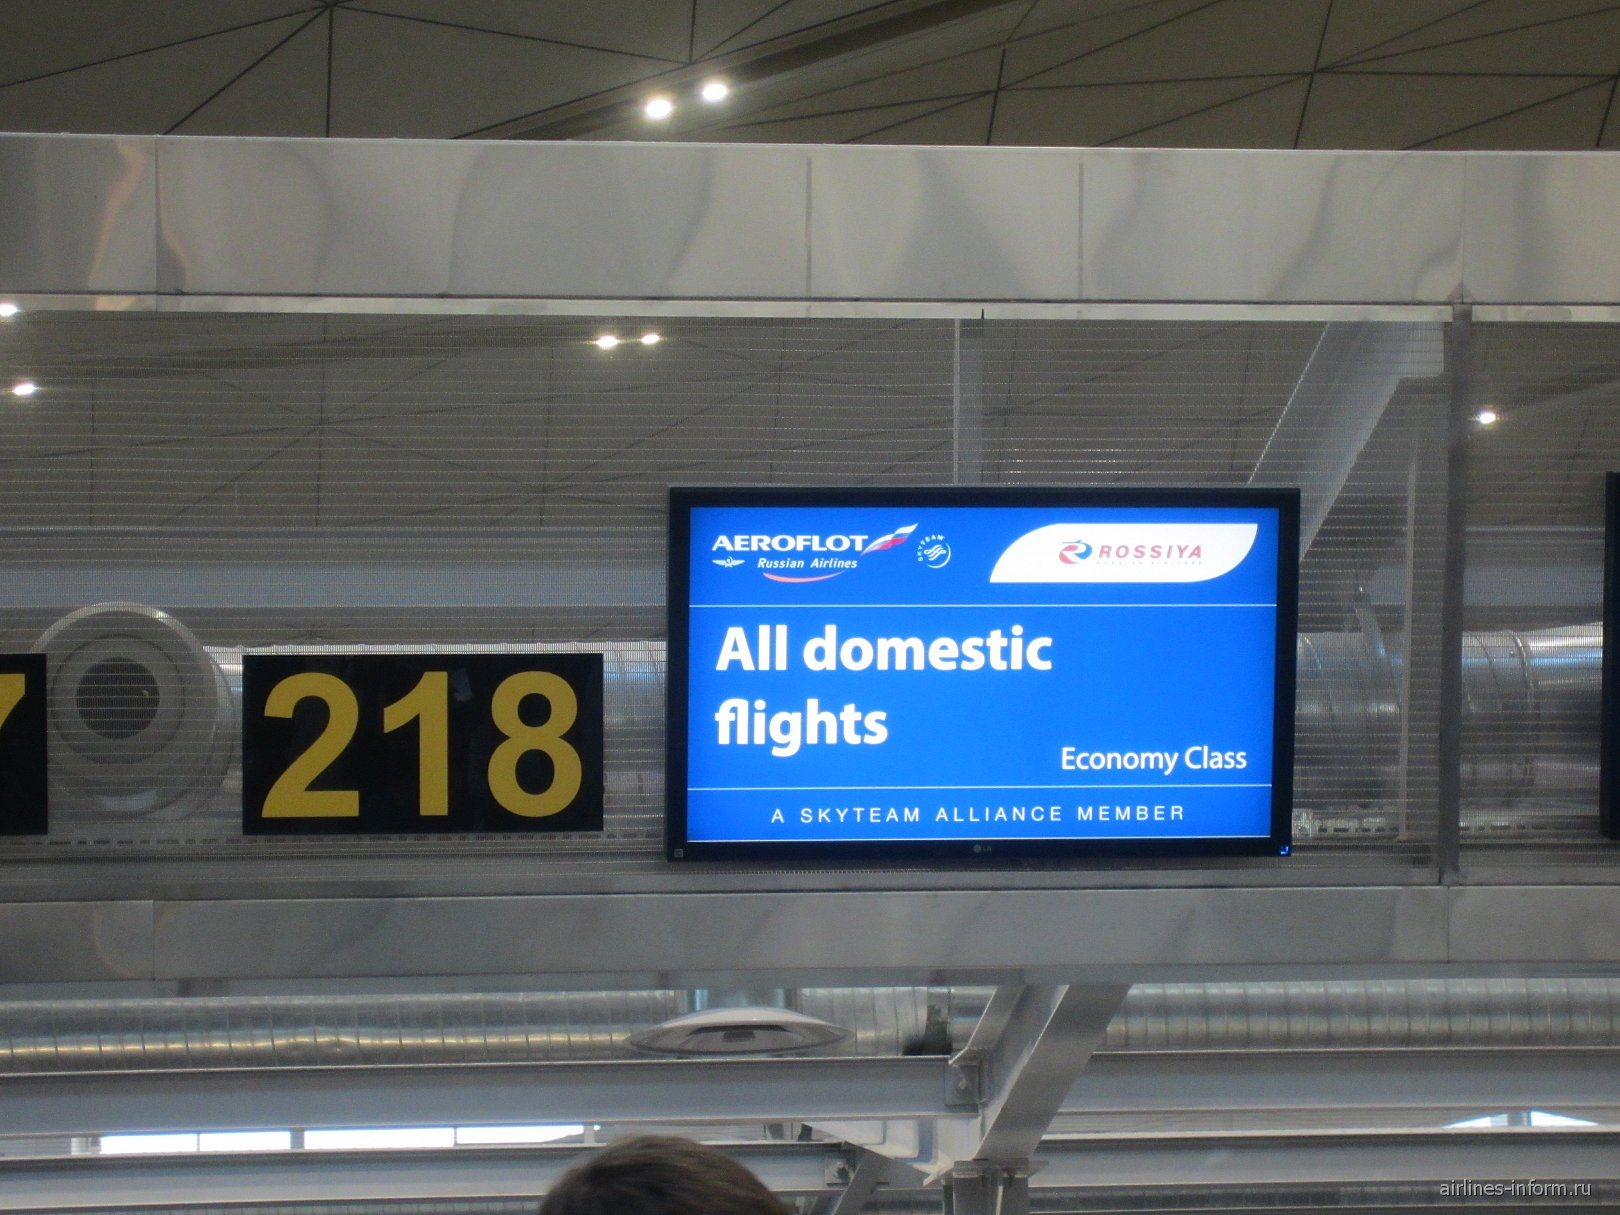 Комнаты доме табло аэропорта пулково онлайн табло вылета на сегодня знаков дорожной разметки